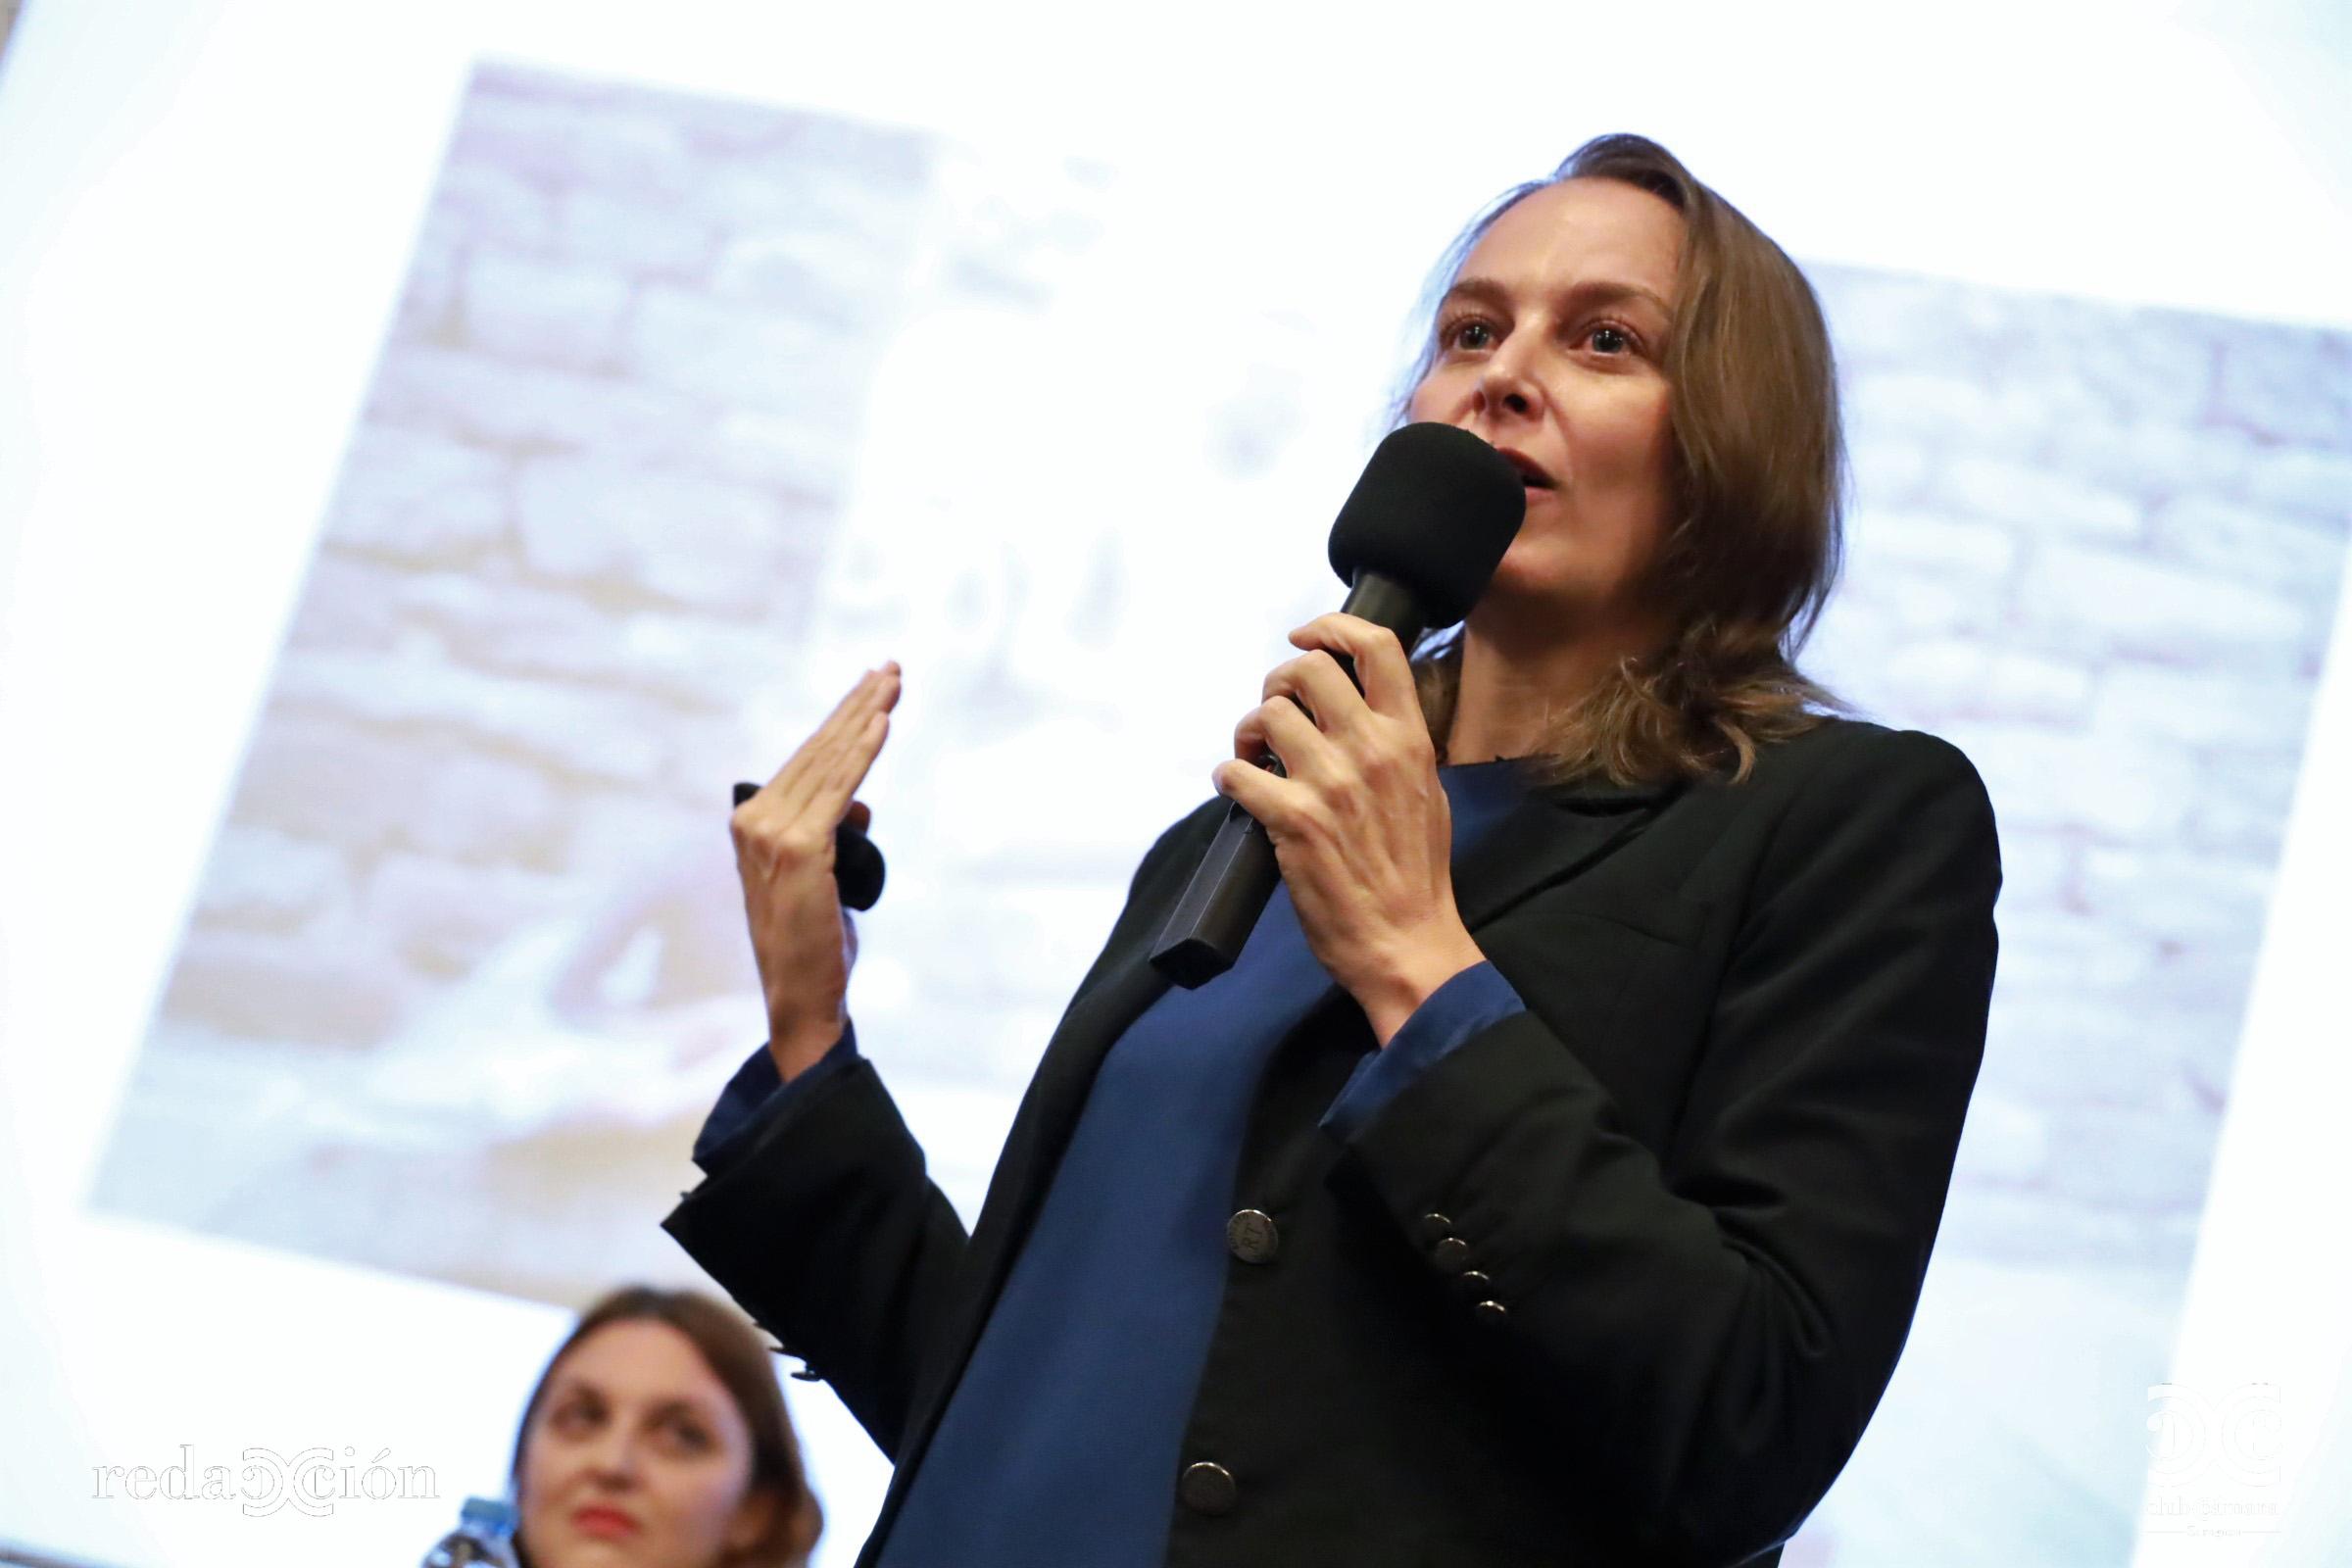 María López, Bitbrain